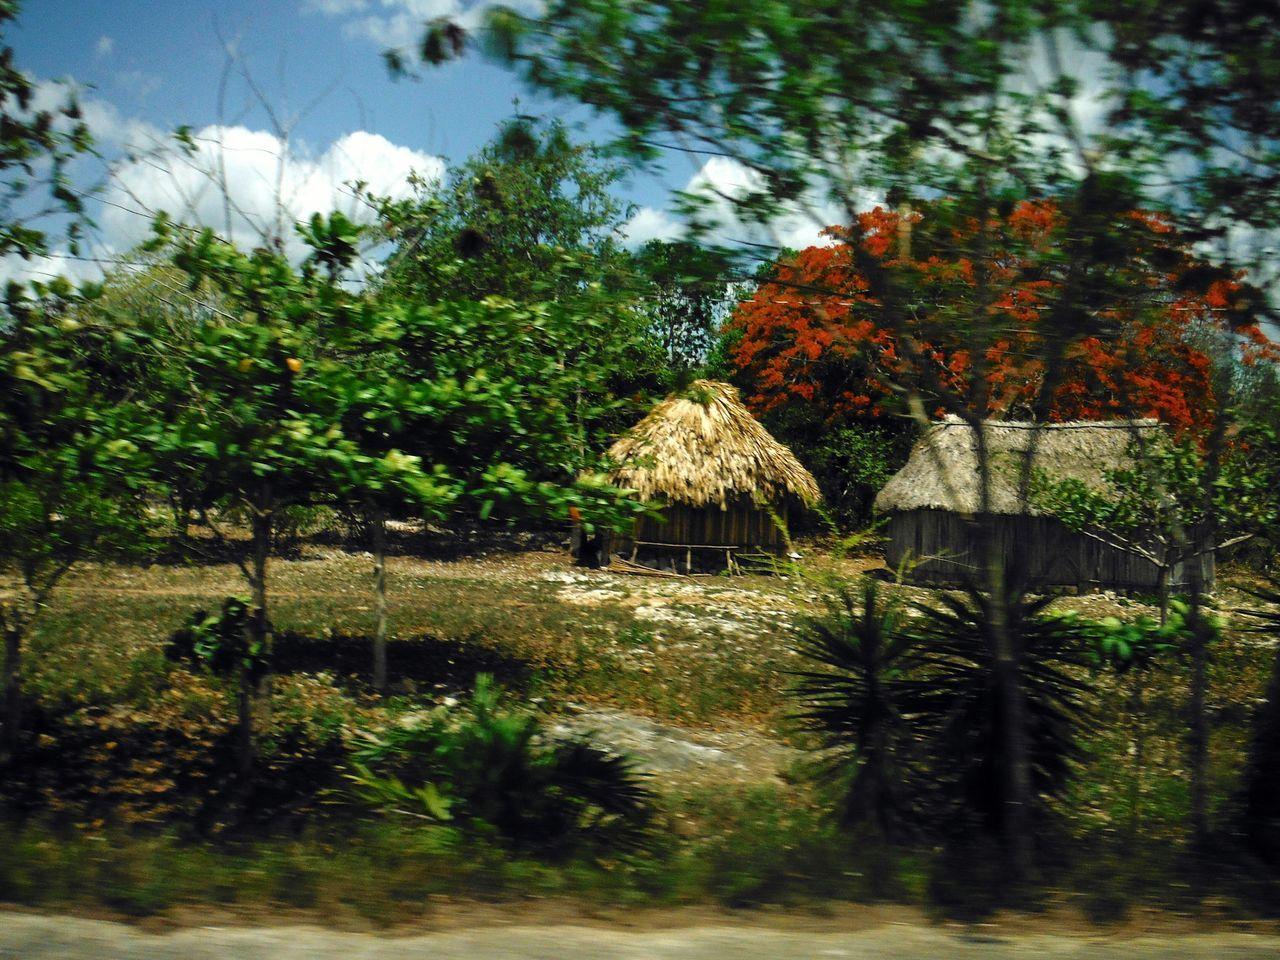 Mexico Yucatan Mexico Huts Casitas